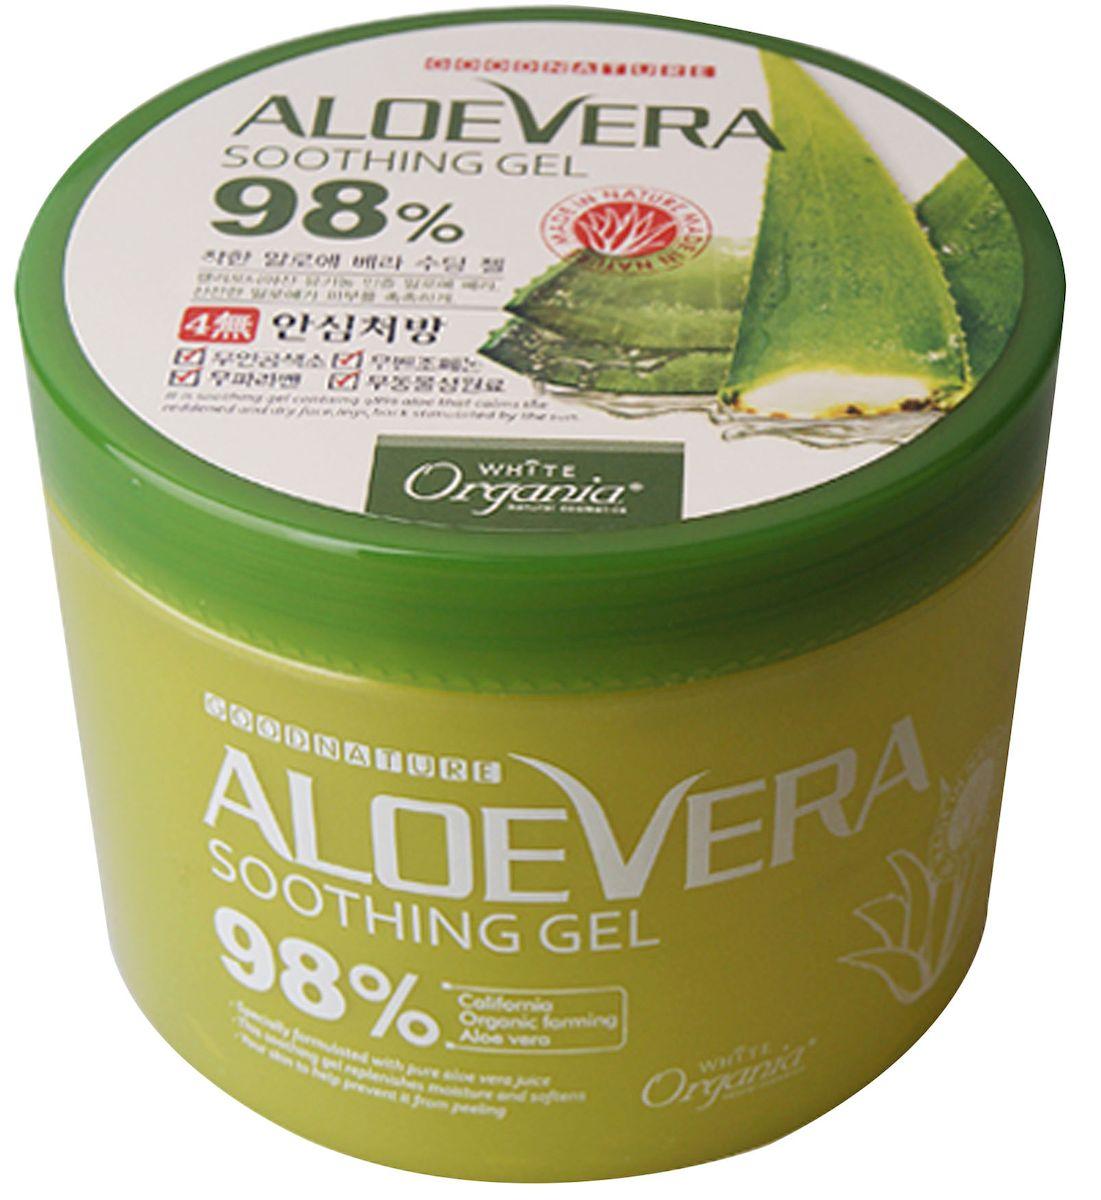 Whitecospharm Успокаивающий гель с натуральным соком алоэ вера White Organia, 500 мл086-30907Гель обогащен органическим соком алоэ вера высокой концентрации, моментально оказывает успокаивающее и охлаждающее действия на кожу. Насыщает и питает кожу ценными микроэлементами, содержащимися в алоэ вера.- Алоэ вера содержит витамины A, B, C, E, а также аминокислоты, энзимы и минералы. Глубоко увлажняет кожу, успокаивает, заживляет, восстанавливает естественный защитный слой кожи и оказывает мощное антиоксидантное воздействие- Гель идеально подойдет в качестве средства после загара, средства после бритья или в качестве охлаждающей экспресс-маски для лица, в том числе – кожи векСпособ применения: нанести небольшое количество геля на кожу, распределить легкими массажными движениями и дать впитаться. Гель рекомендуется хранить в холодильнике.Меры предосторожности: при появлении раздражения на коже прекратите использование и обратитесь к врачу. При попадании средства в глаза промойте их проточной водой. Храните в недоступном для детей месте.